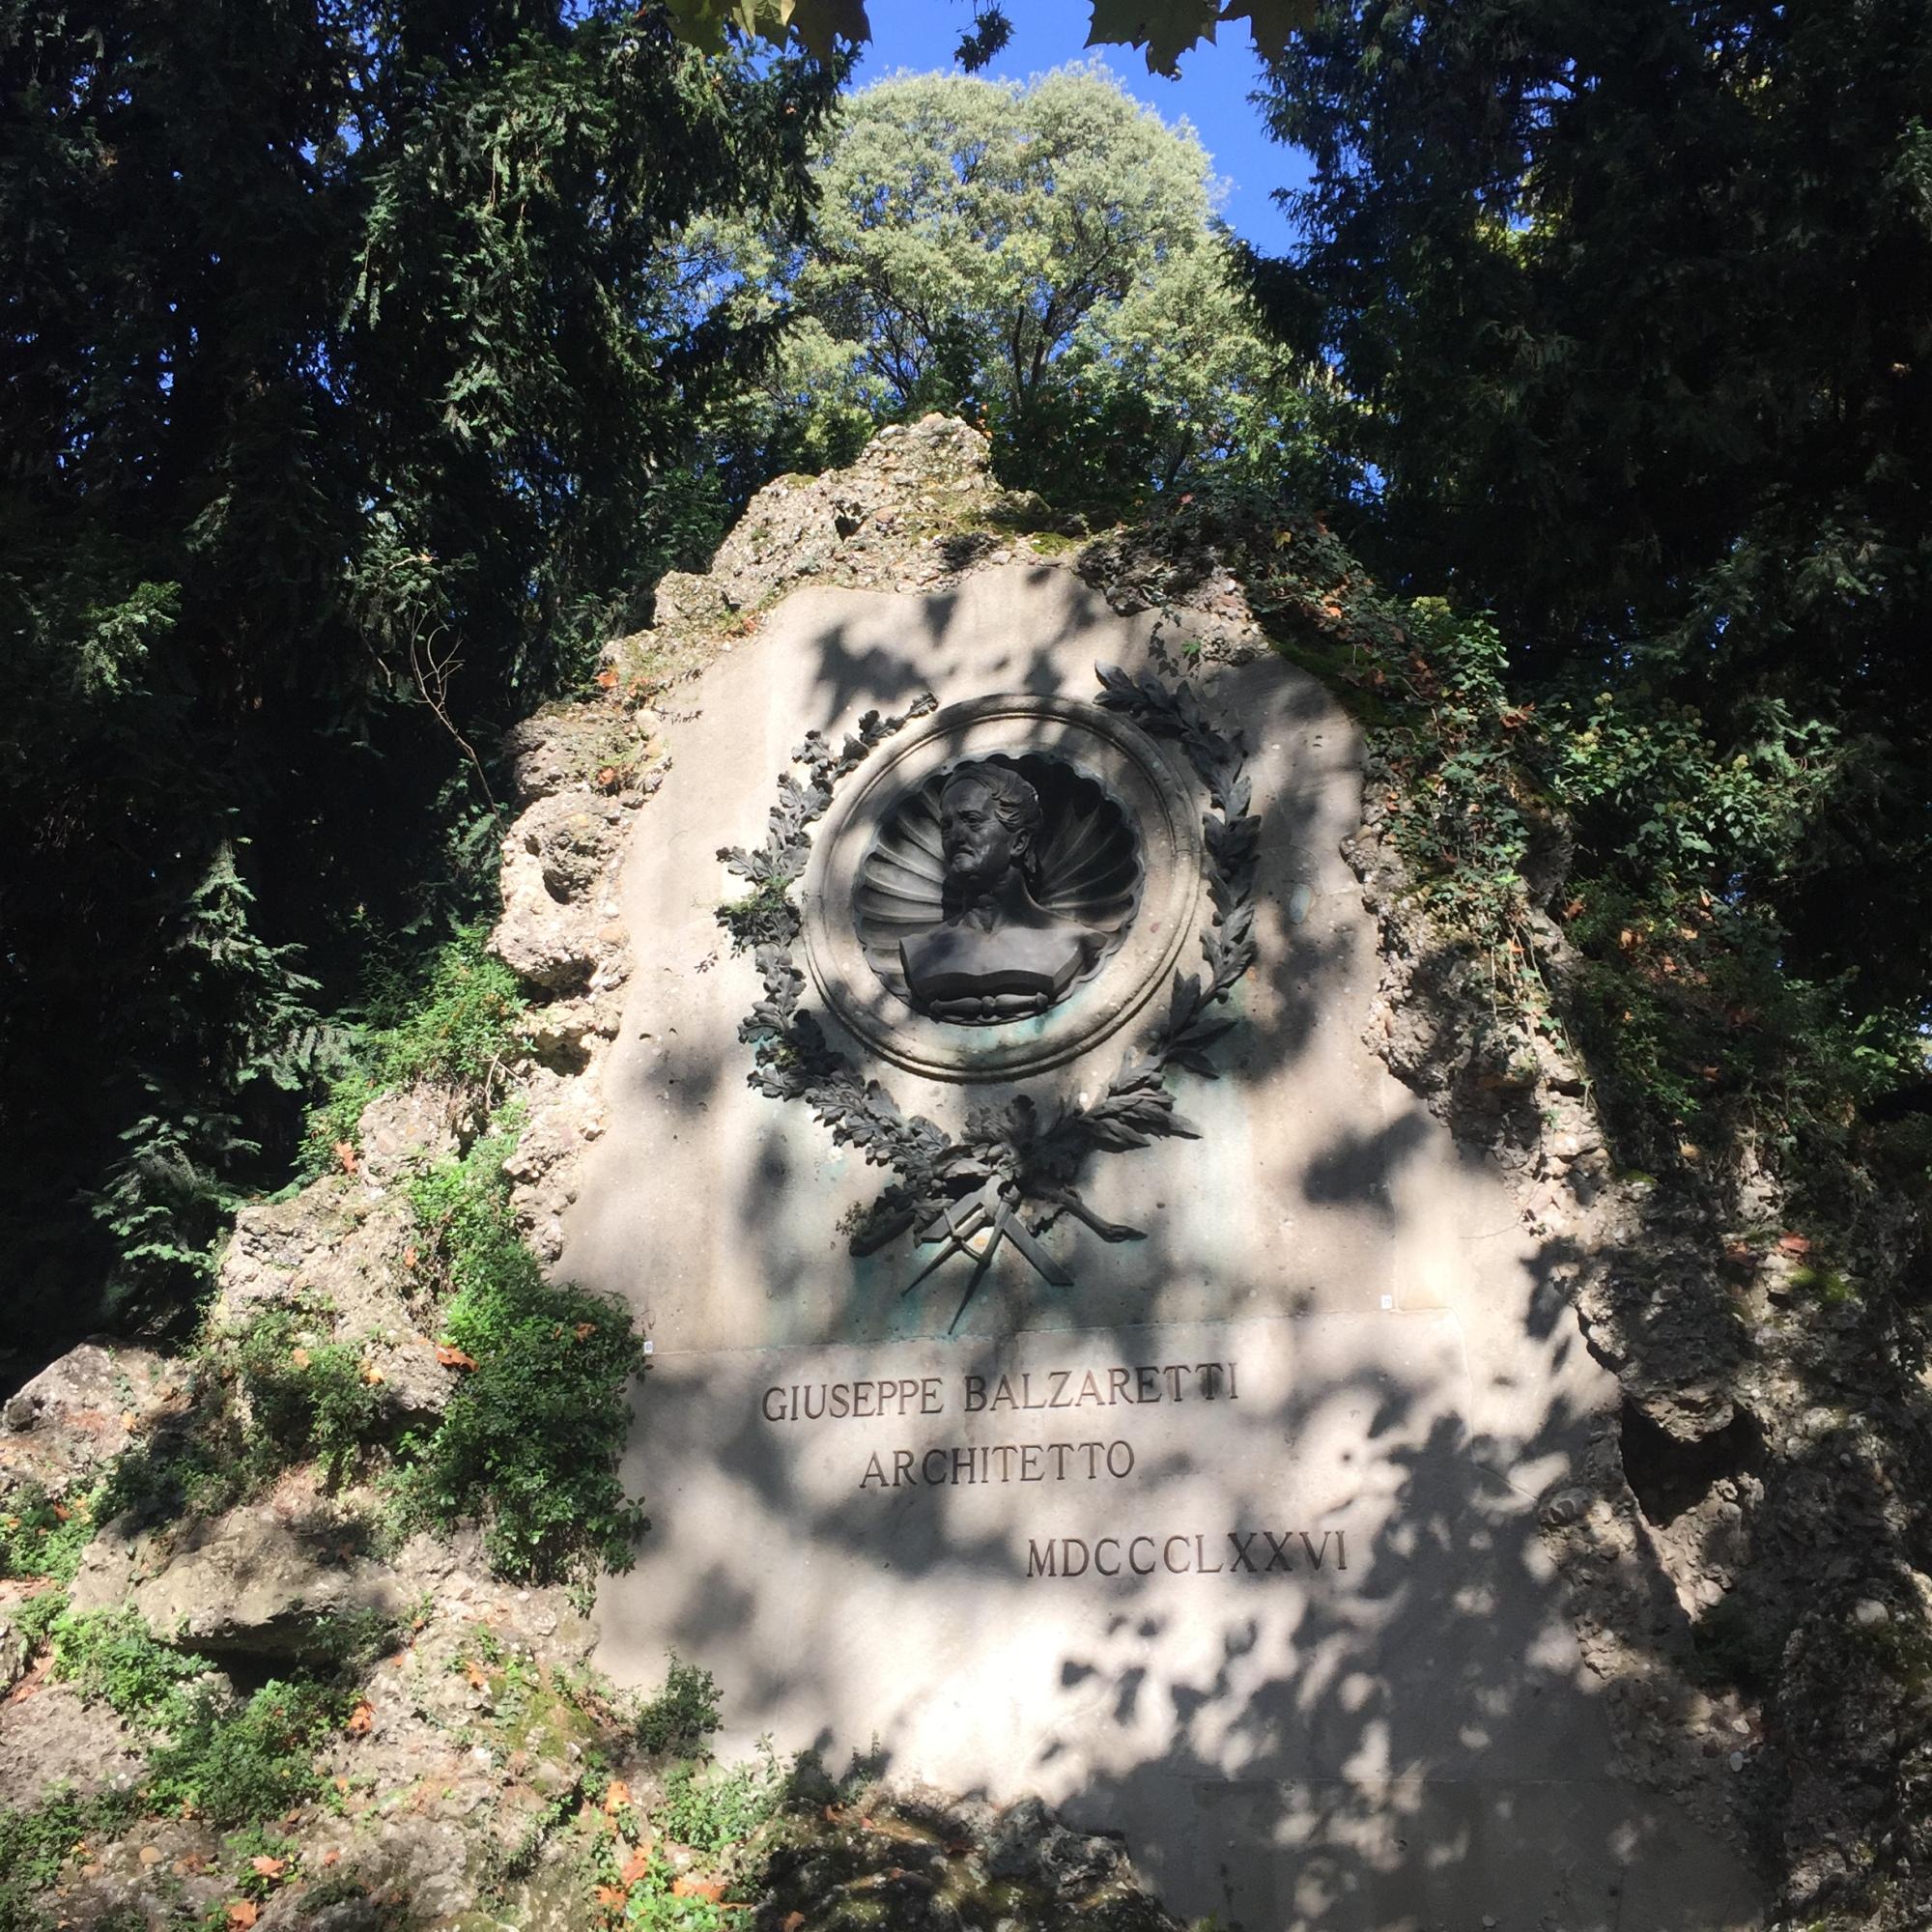 Monumento a Giuseppe Balzaretti